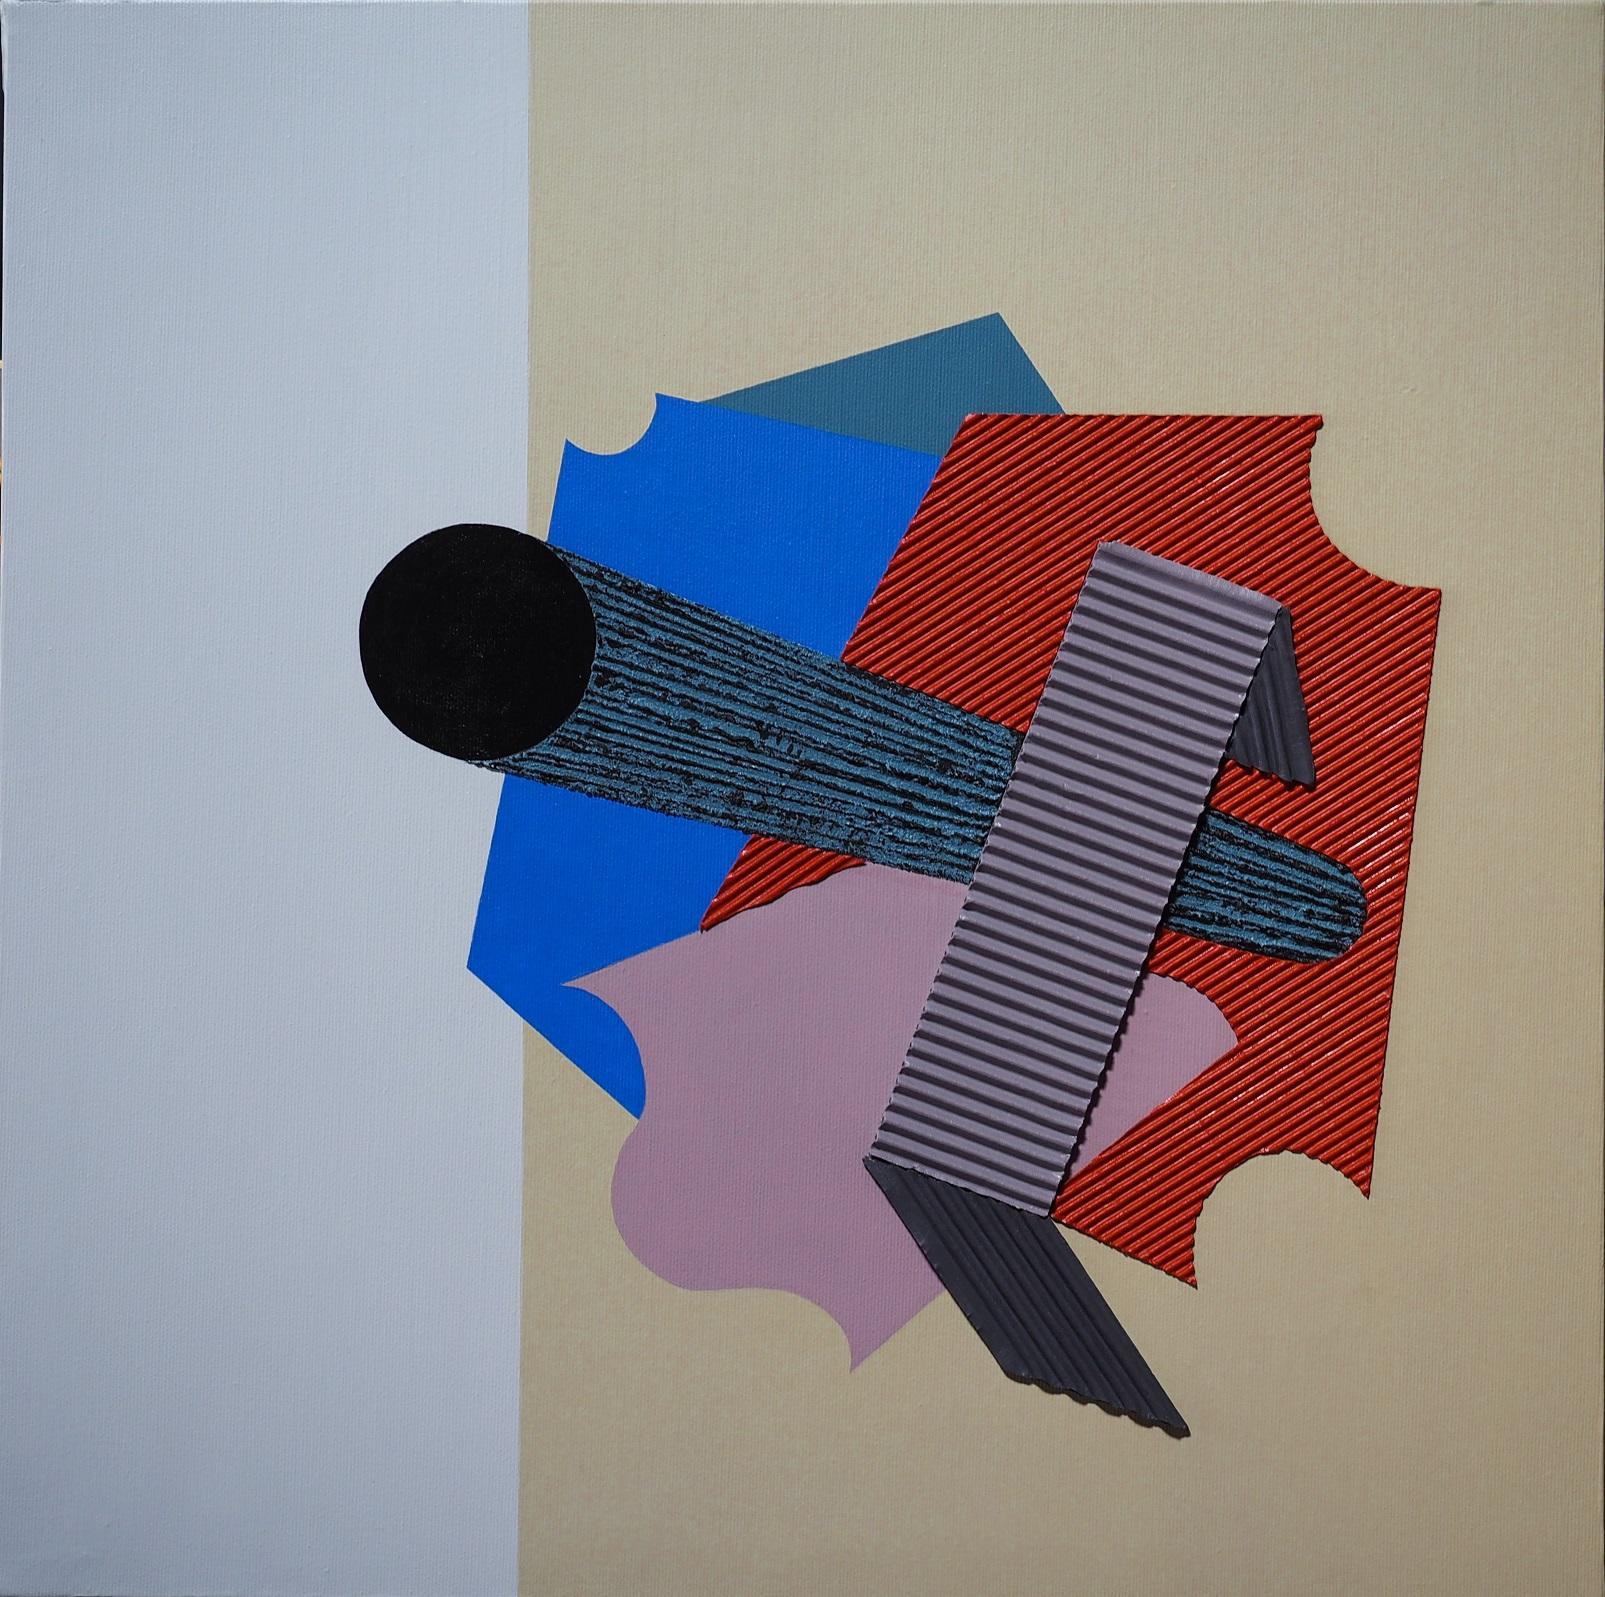 PUNTAMENTO 50x50 tela trattata con gesso, acrilico, pigmenti, cartone